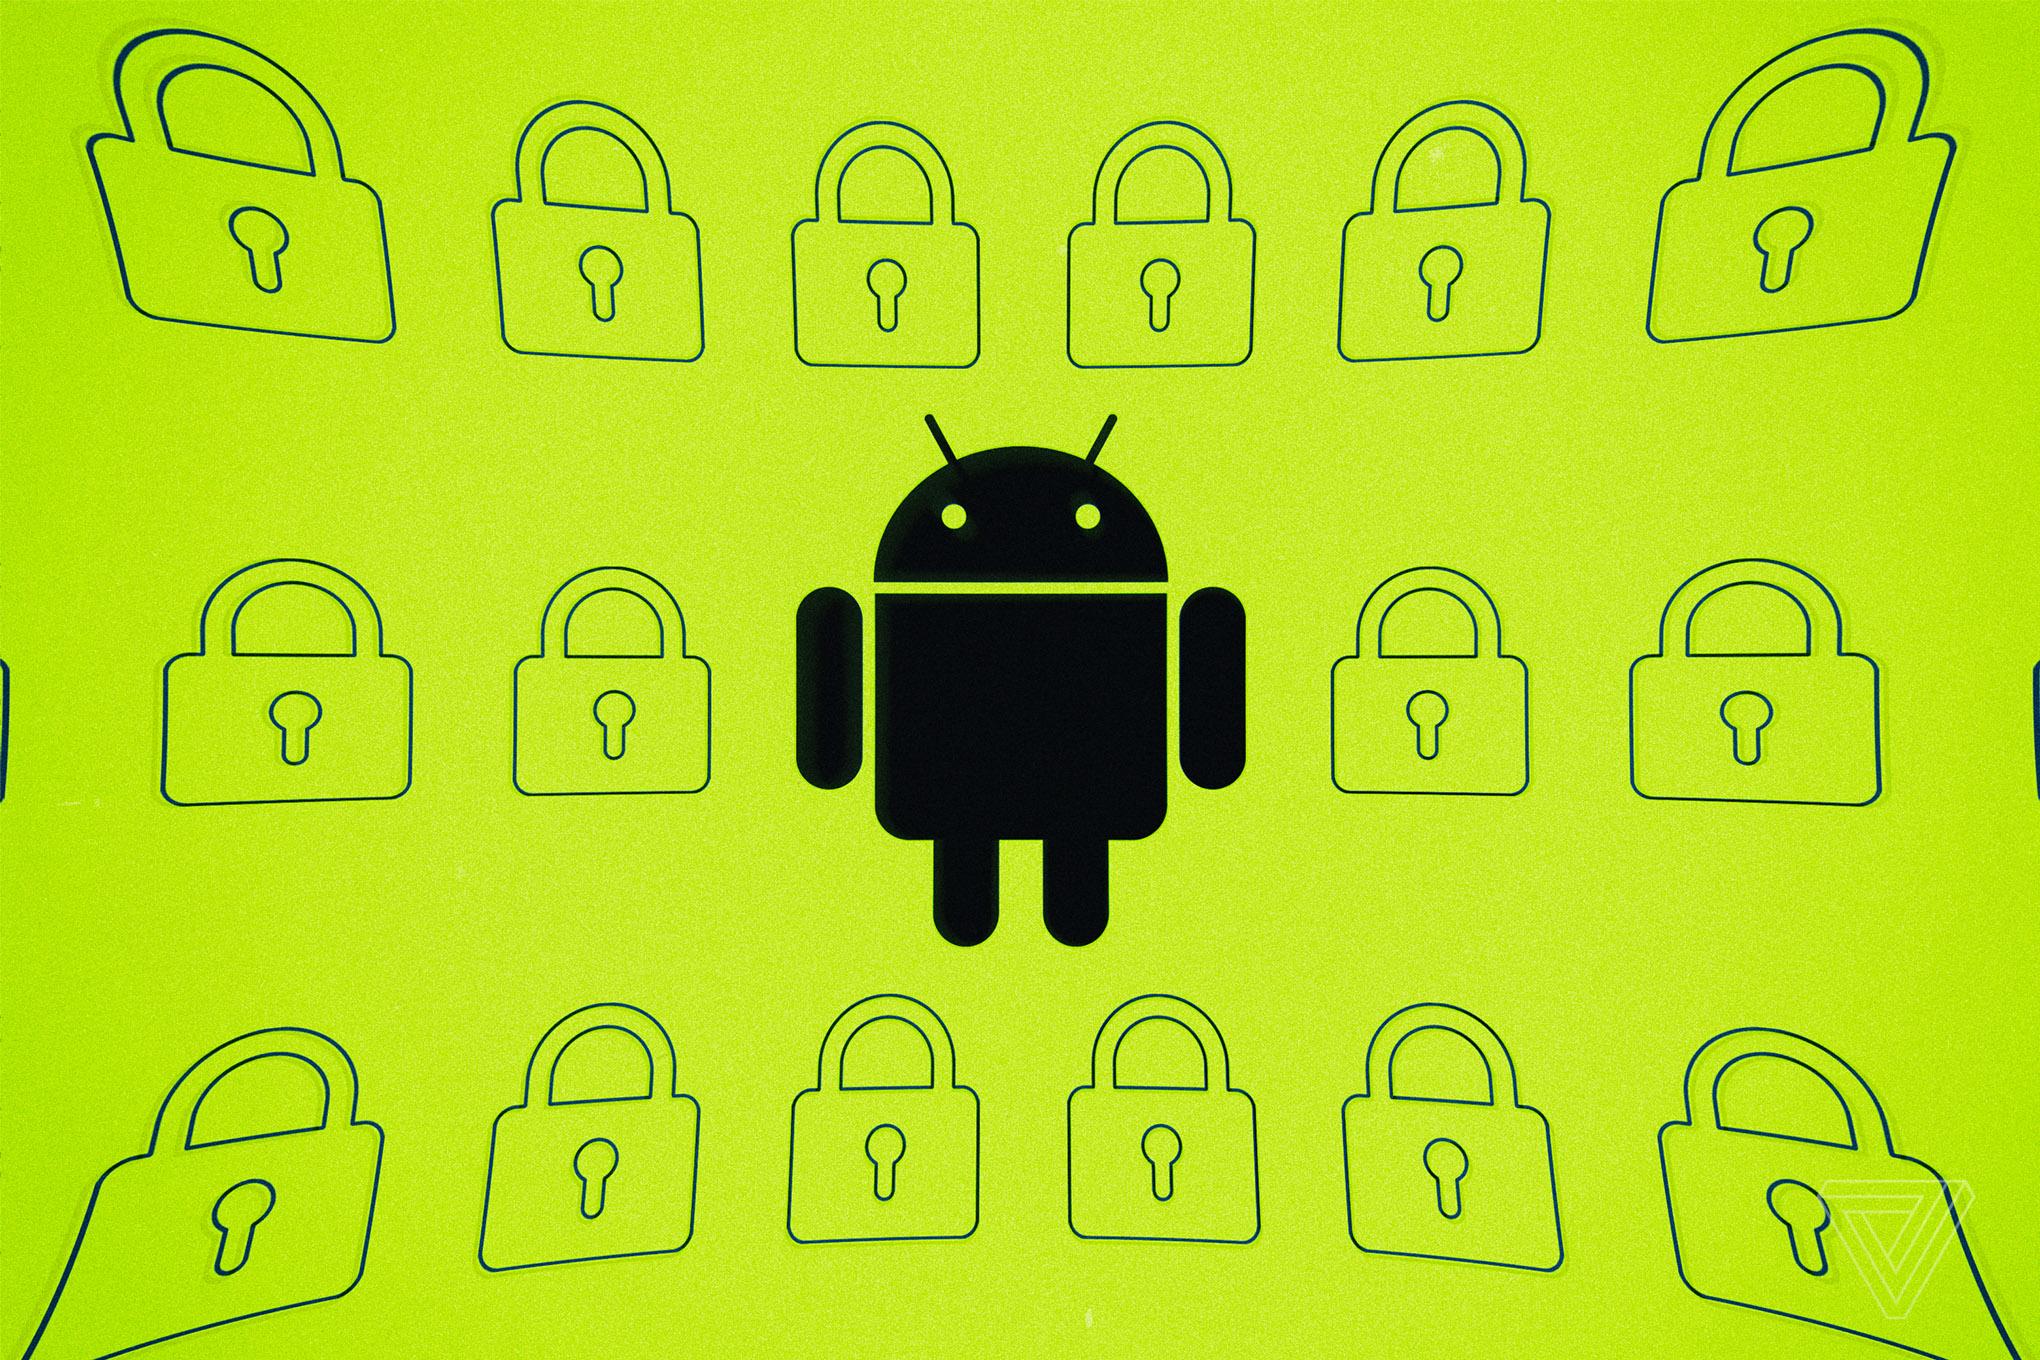 Тысячи Android-приложений отслеживают телефоны, не получив разрешения пользователей